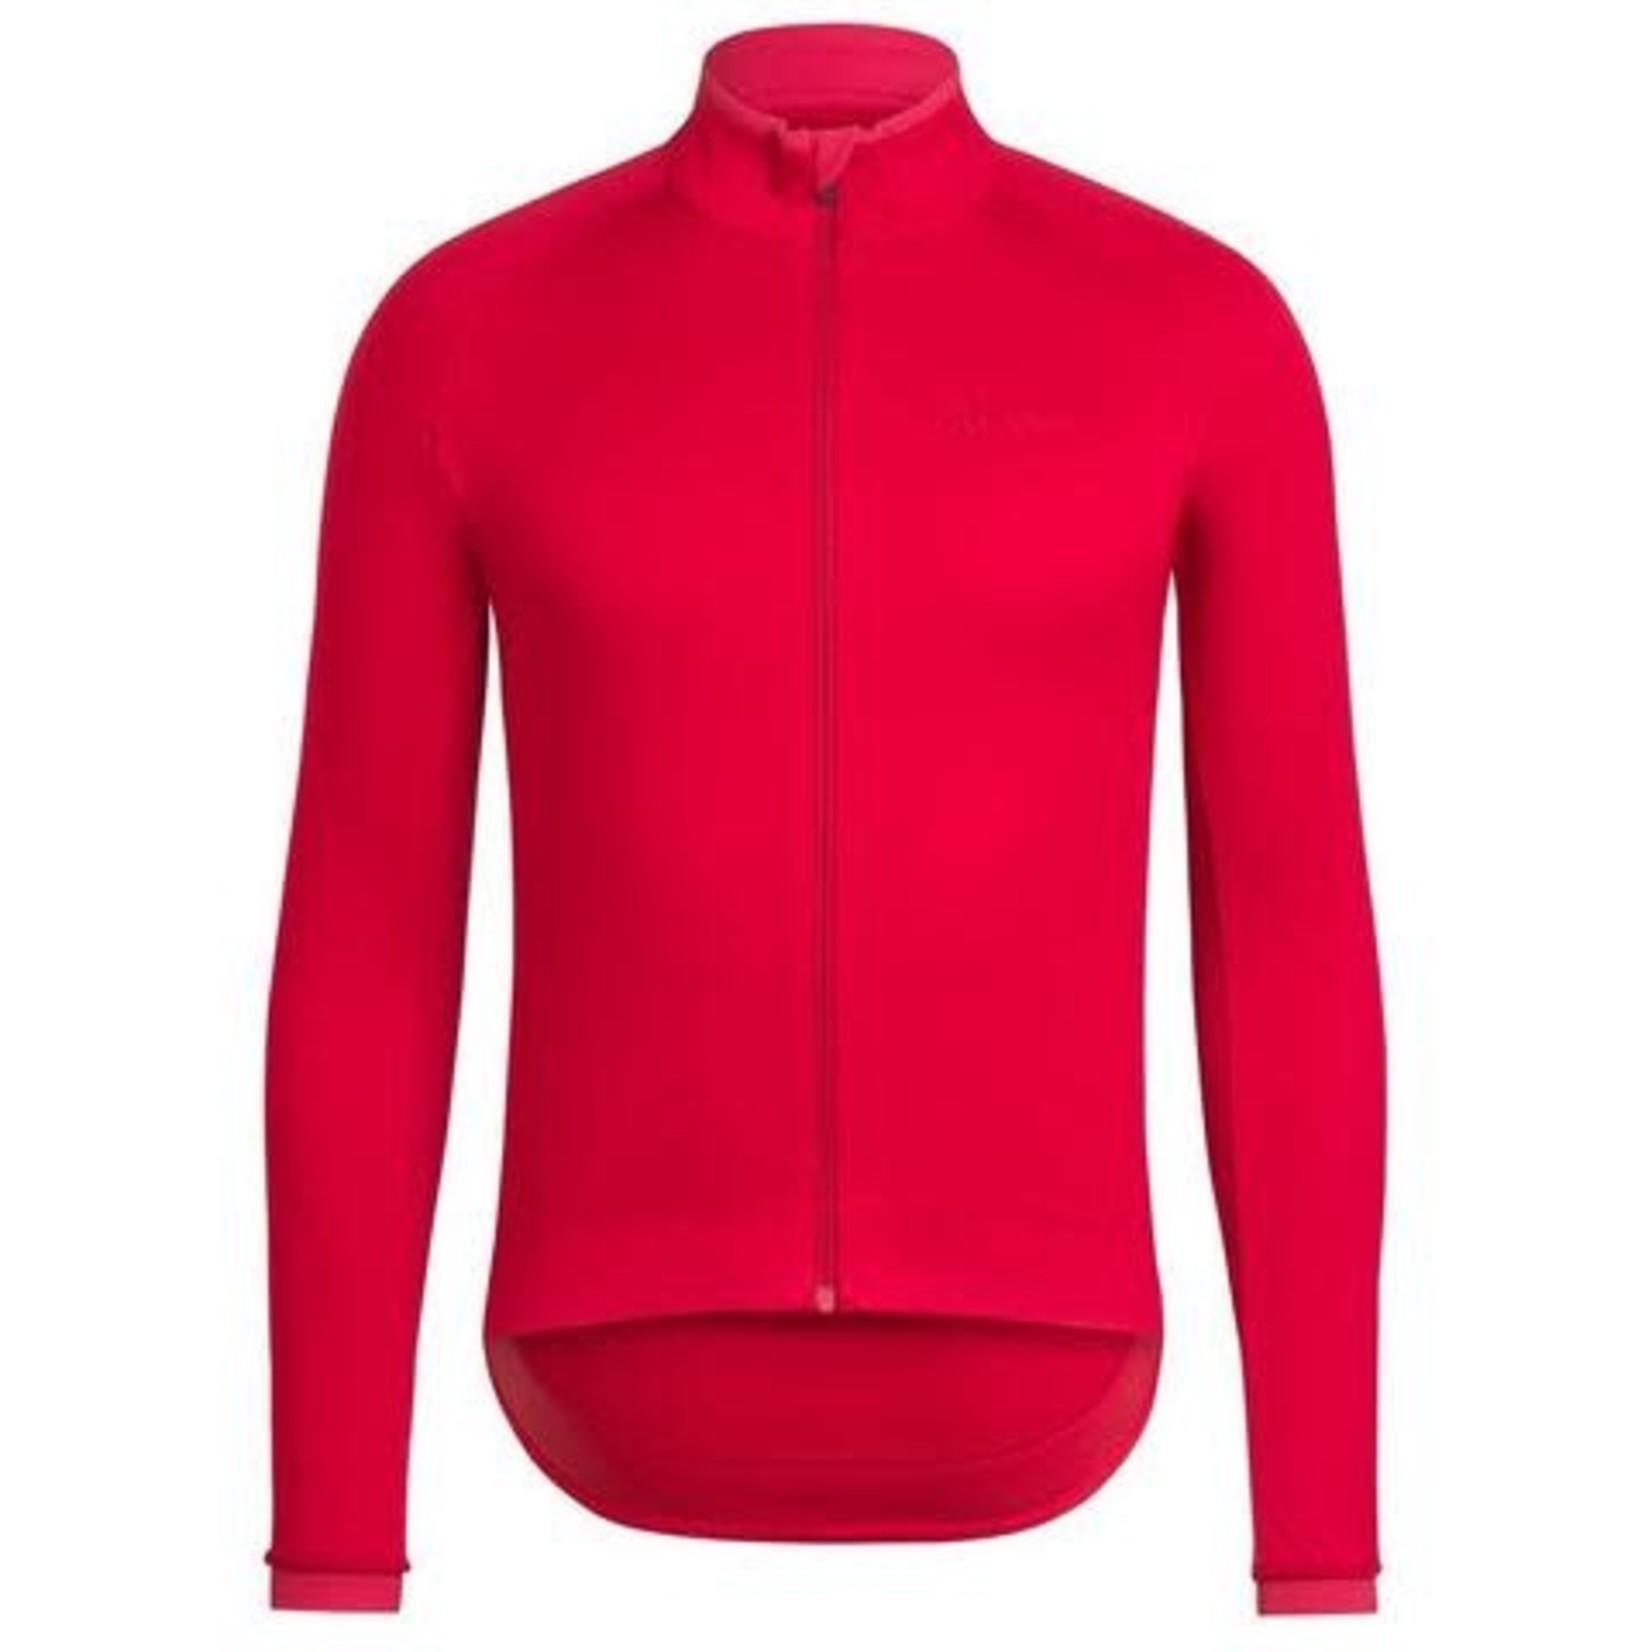 Rapha Rapha Core Winter Jacket